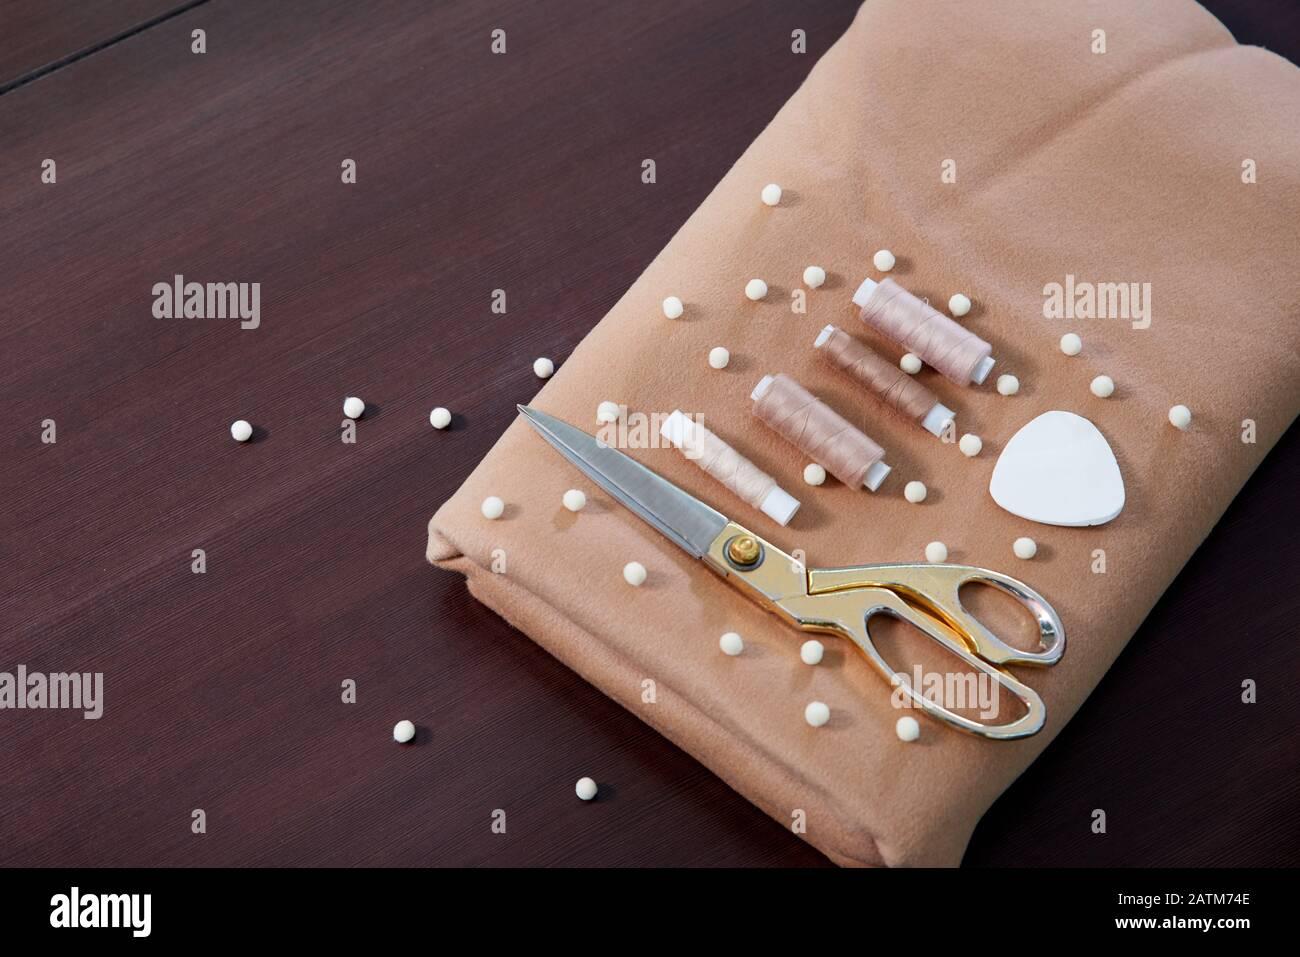 Grupo de objetos de costura tumbados sobre fondo negro de pizarra. Fondo horizontal para anuncios o embalajes. Foto de stock